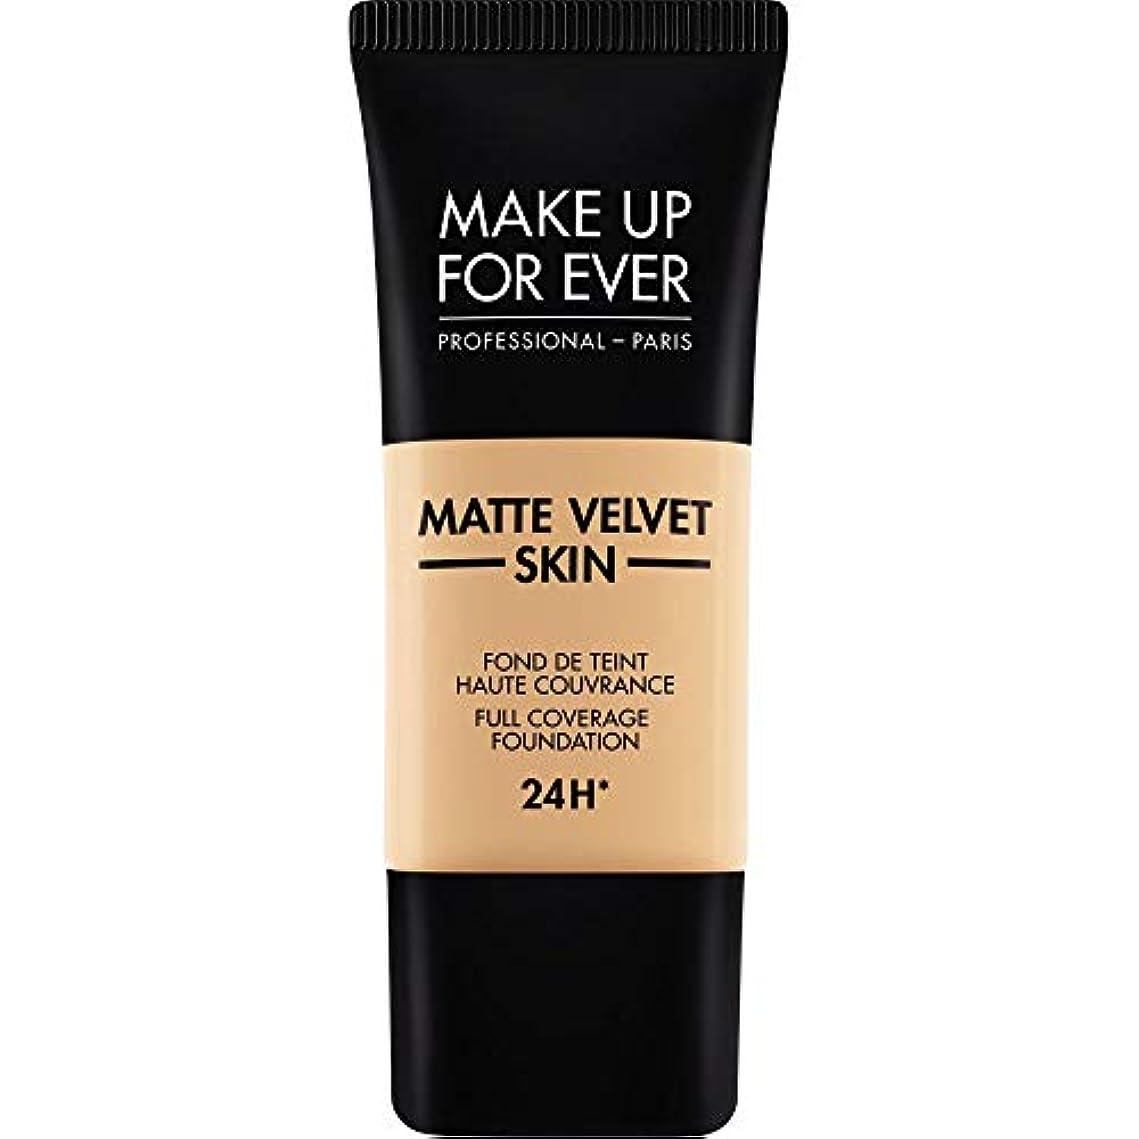 陸軍なめらか消費[MAKE UP FOR EVER ] 暗い砂 - これまでマットベルベットの皮膚のフルカバレッジ基礎30ミリリットルのY335を補います - MAKE UP FOR EVER Matte Velvet Skin Full...